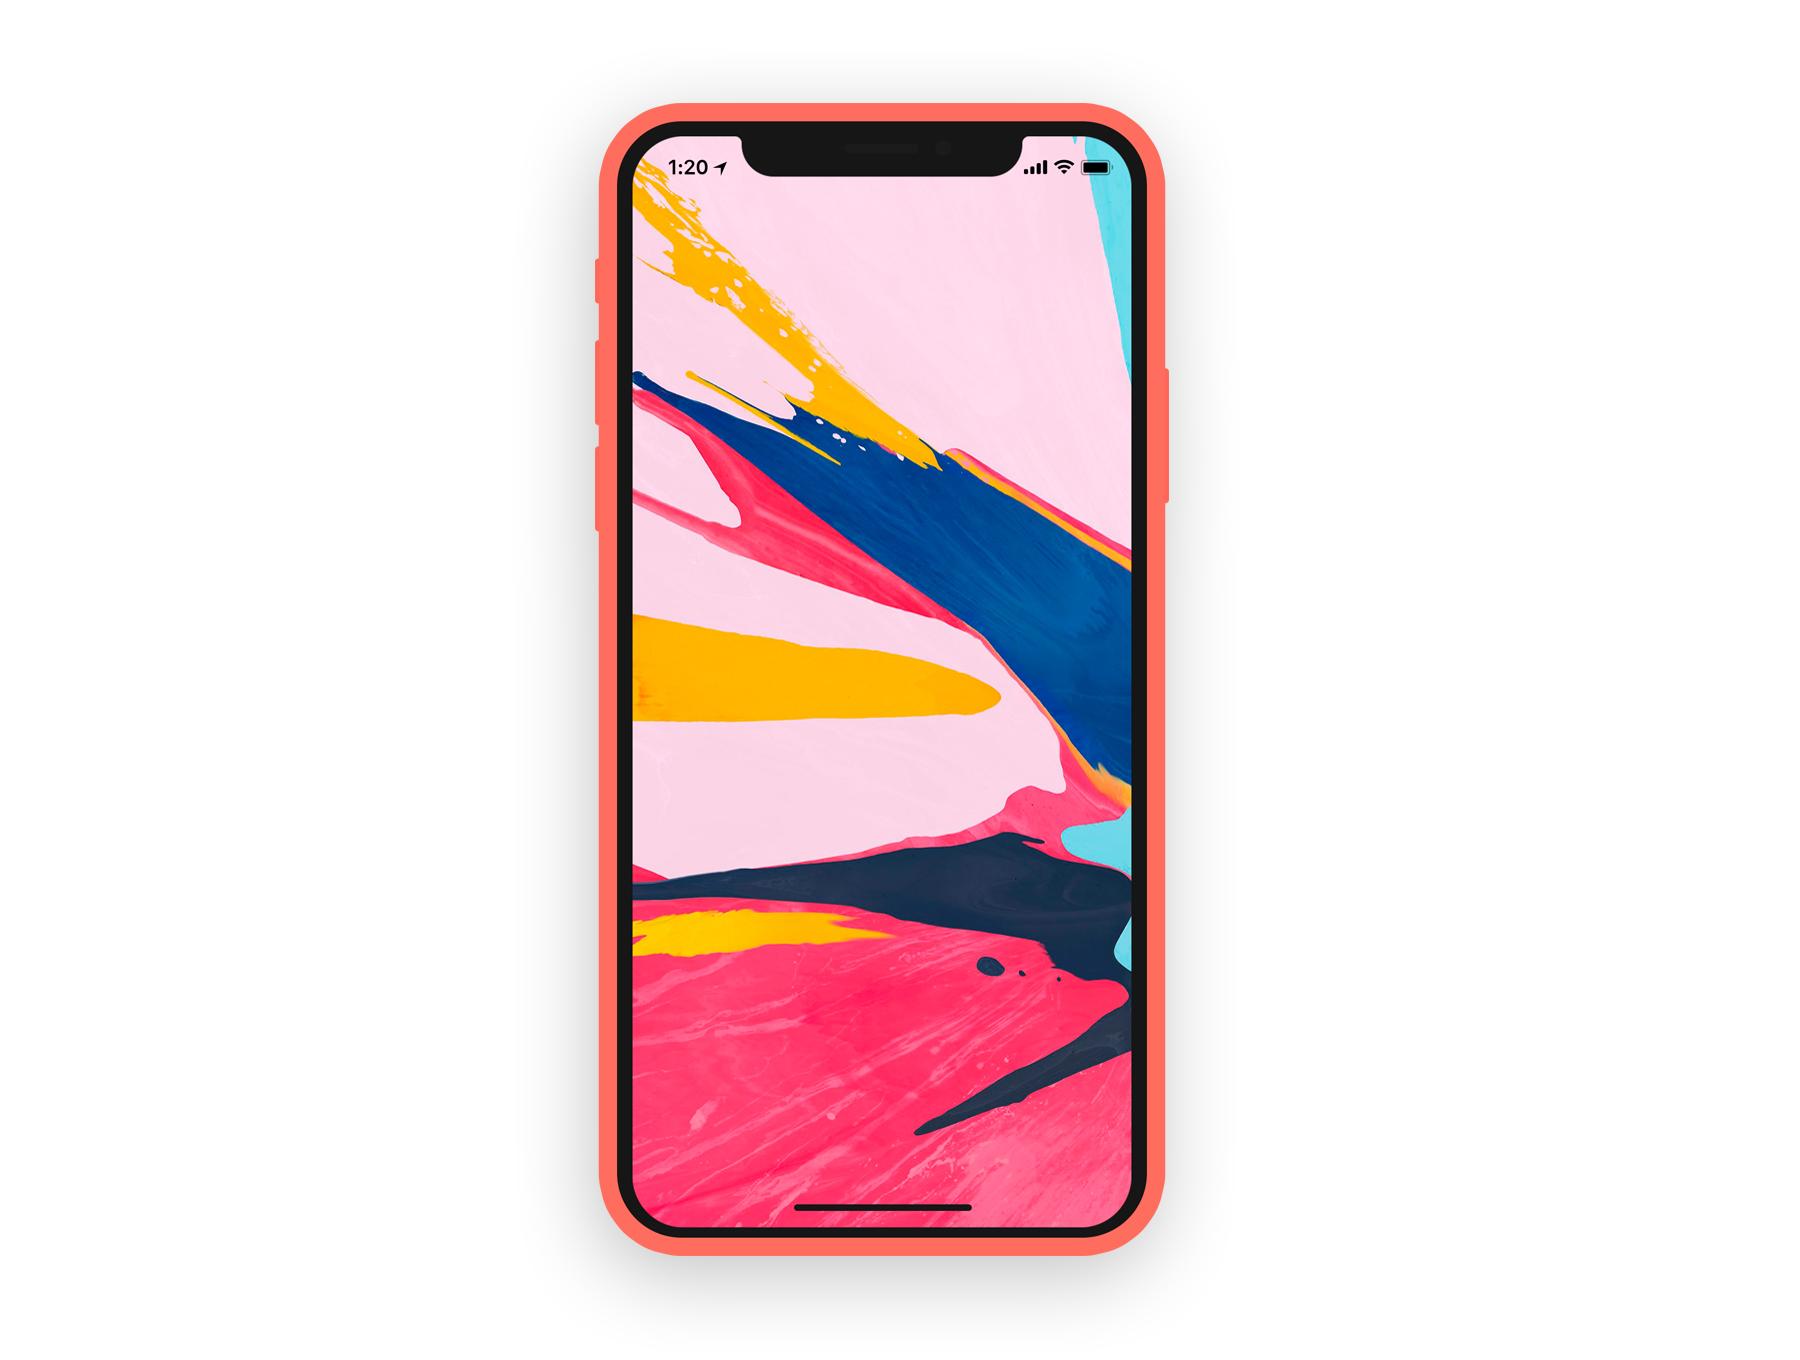 iPhone X & XS手机APP设计展示图设计样机模板 iPhone X / XS Flat Mockup插图(5)